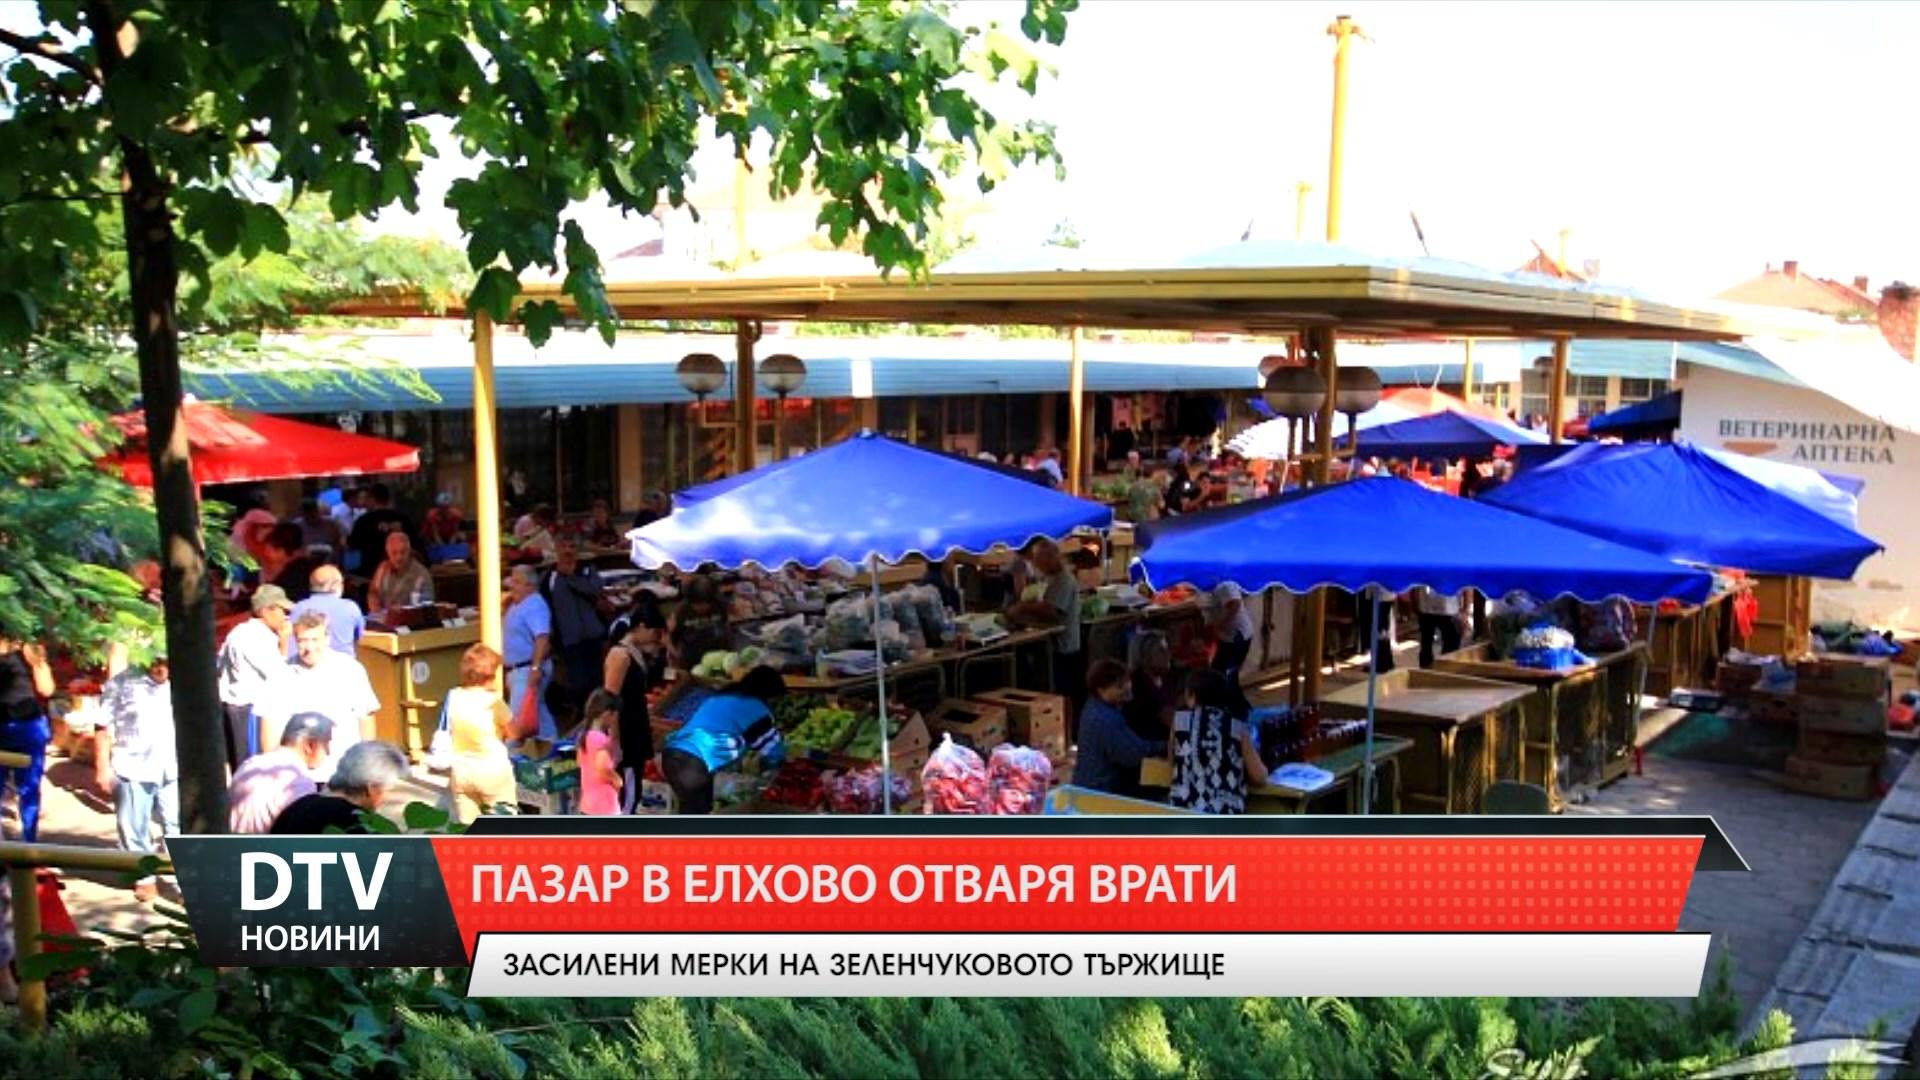 Зеленчуковият пазар в Елхово отвори врати